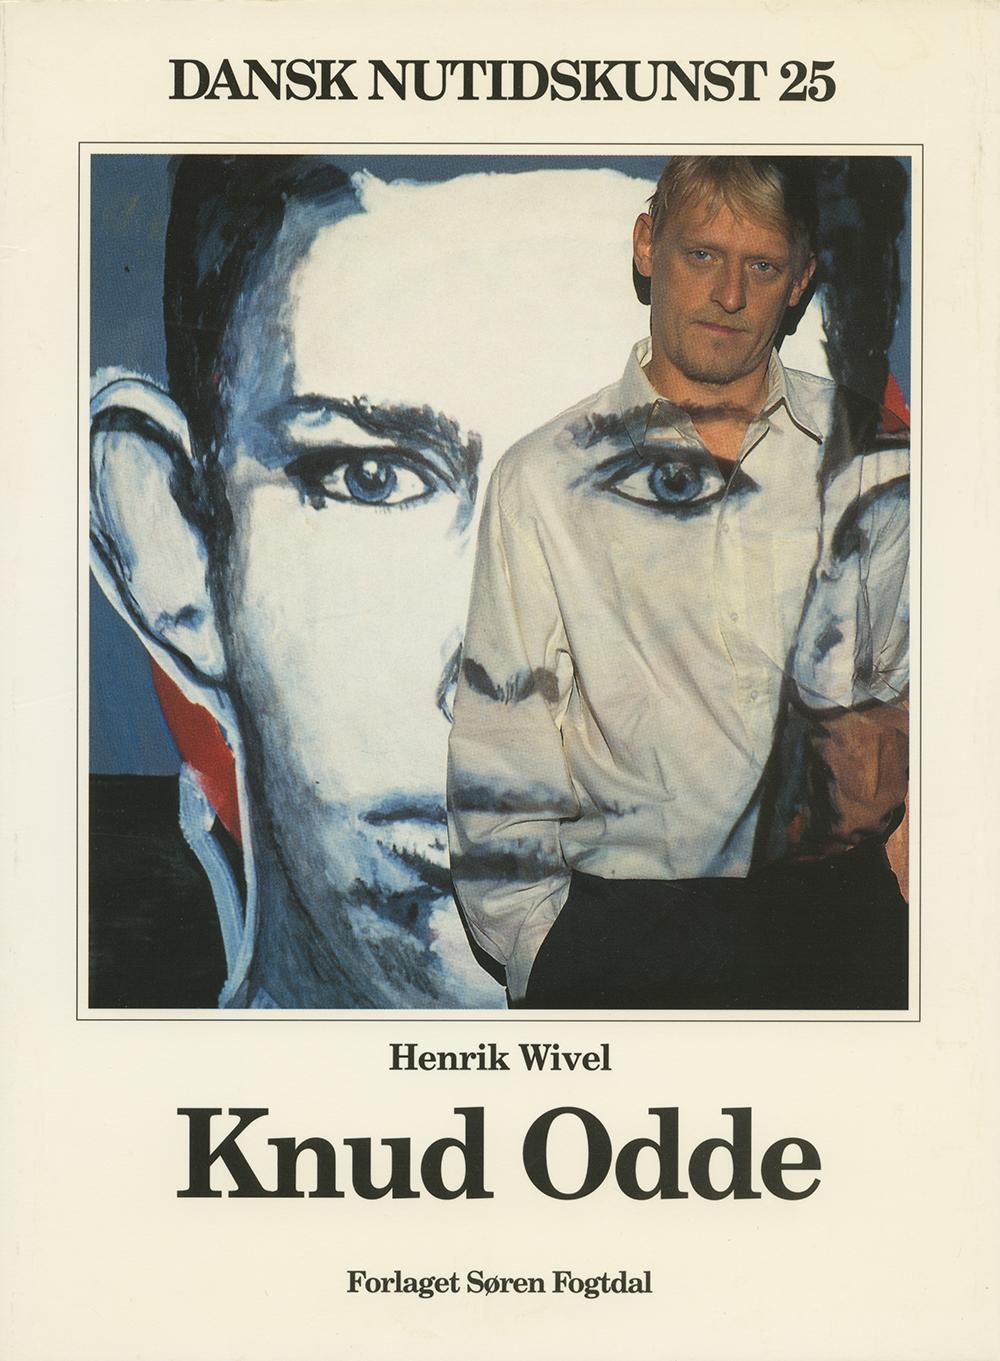 Knud Odde, Dansk Nutidskunst 25